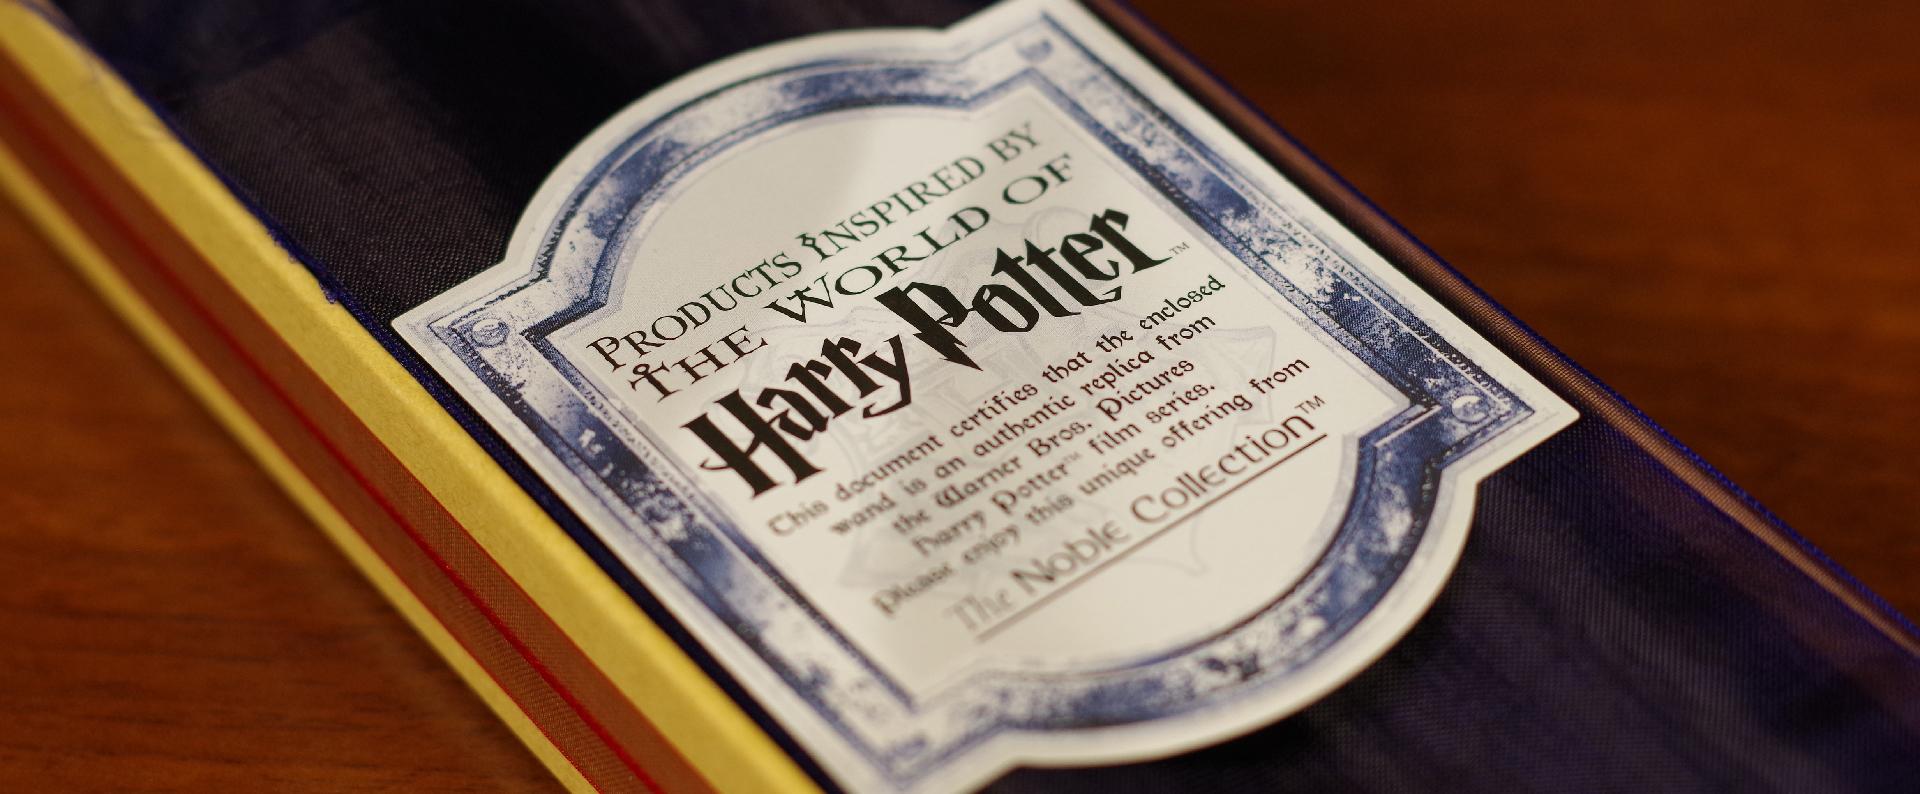 Harry Potter, Professor Dumbledore Zauberstab Ollivander Edition